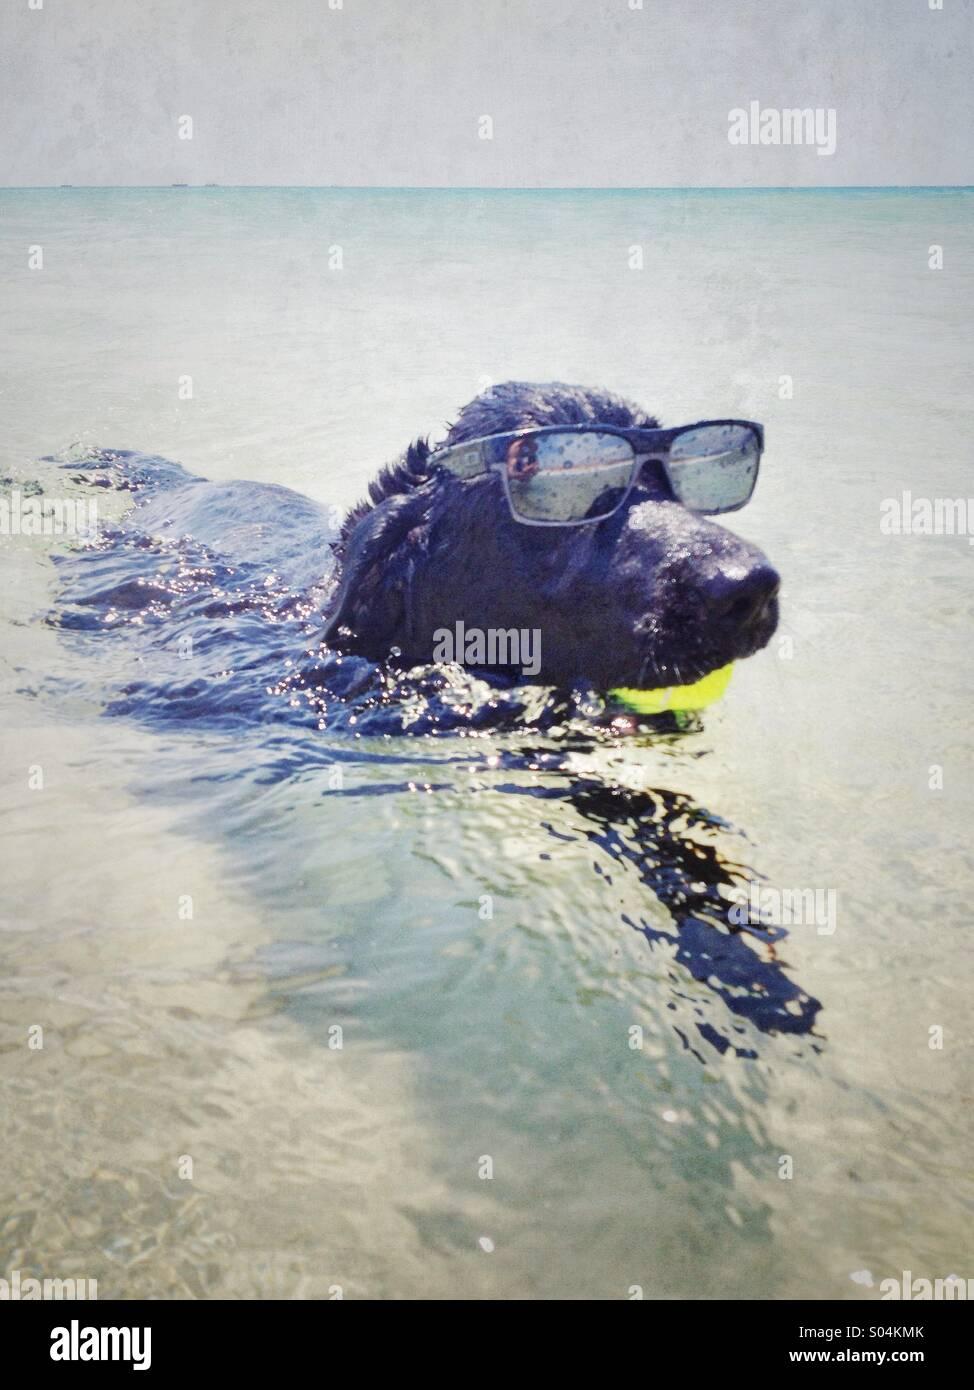 Funny dog. - Stock Image